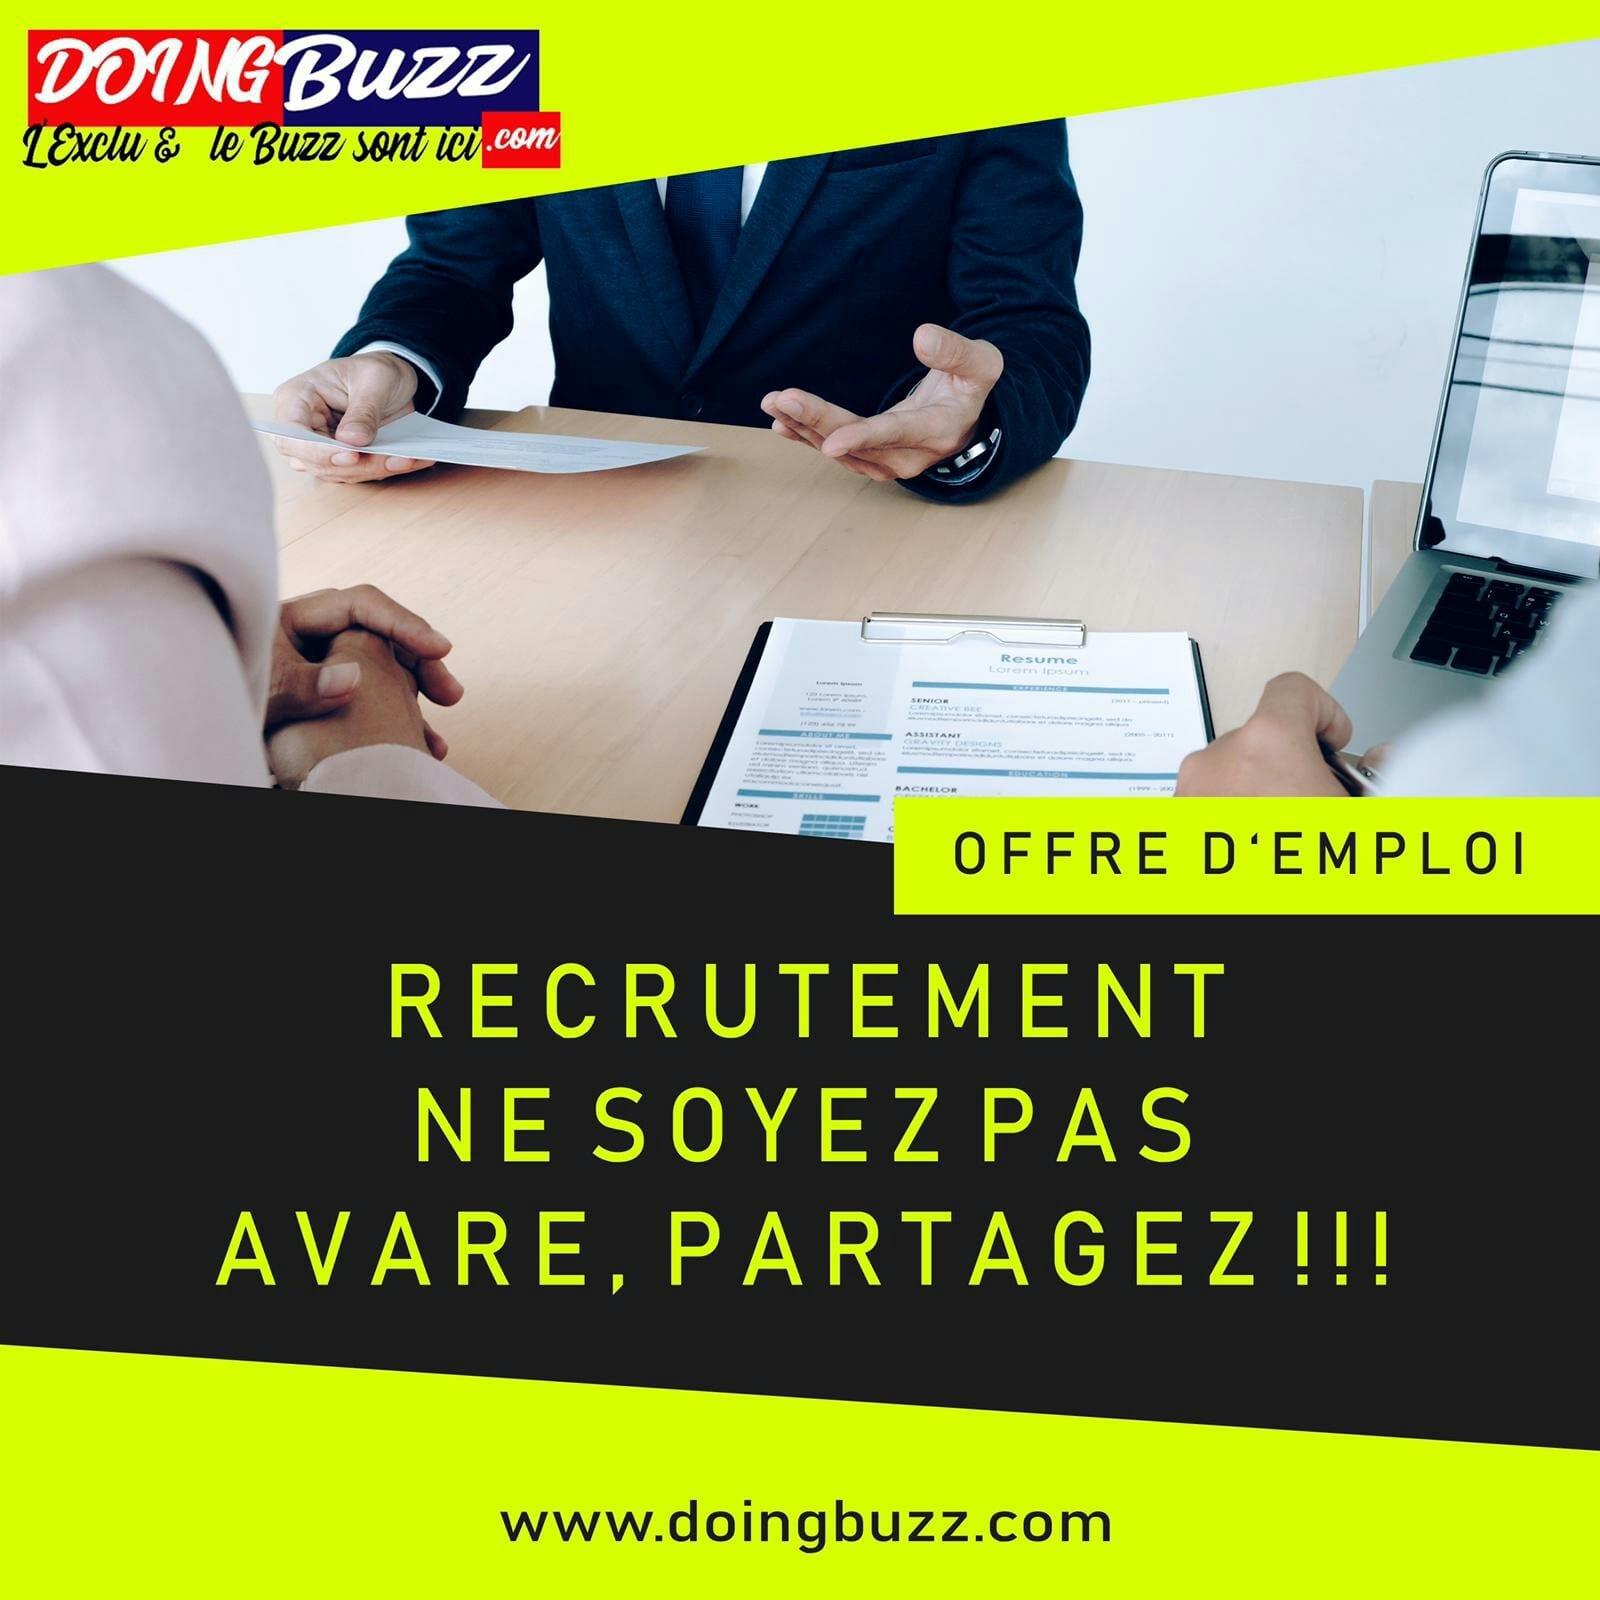 Offre d'emploi en Côte d'Ivoire : Poste d'Analyste d'Achat disponible